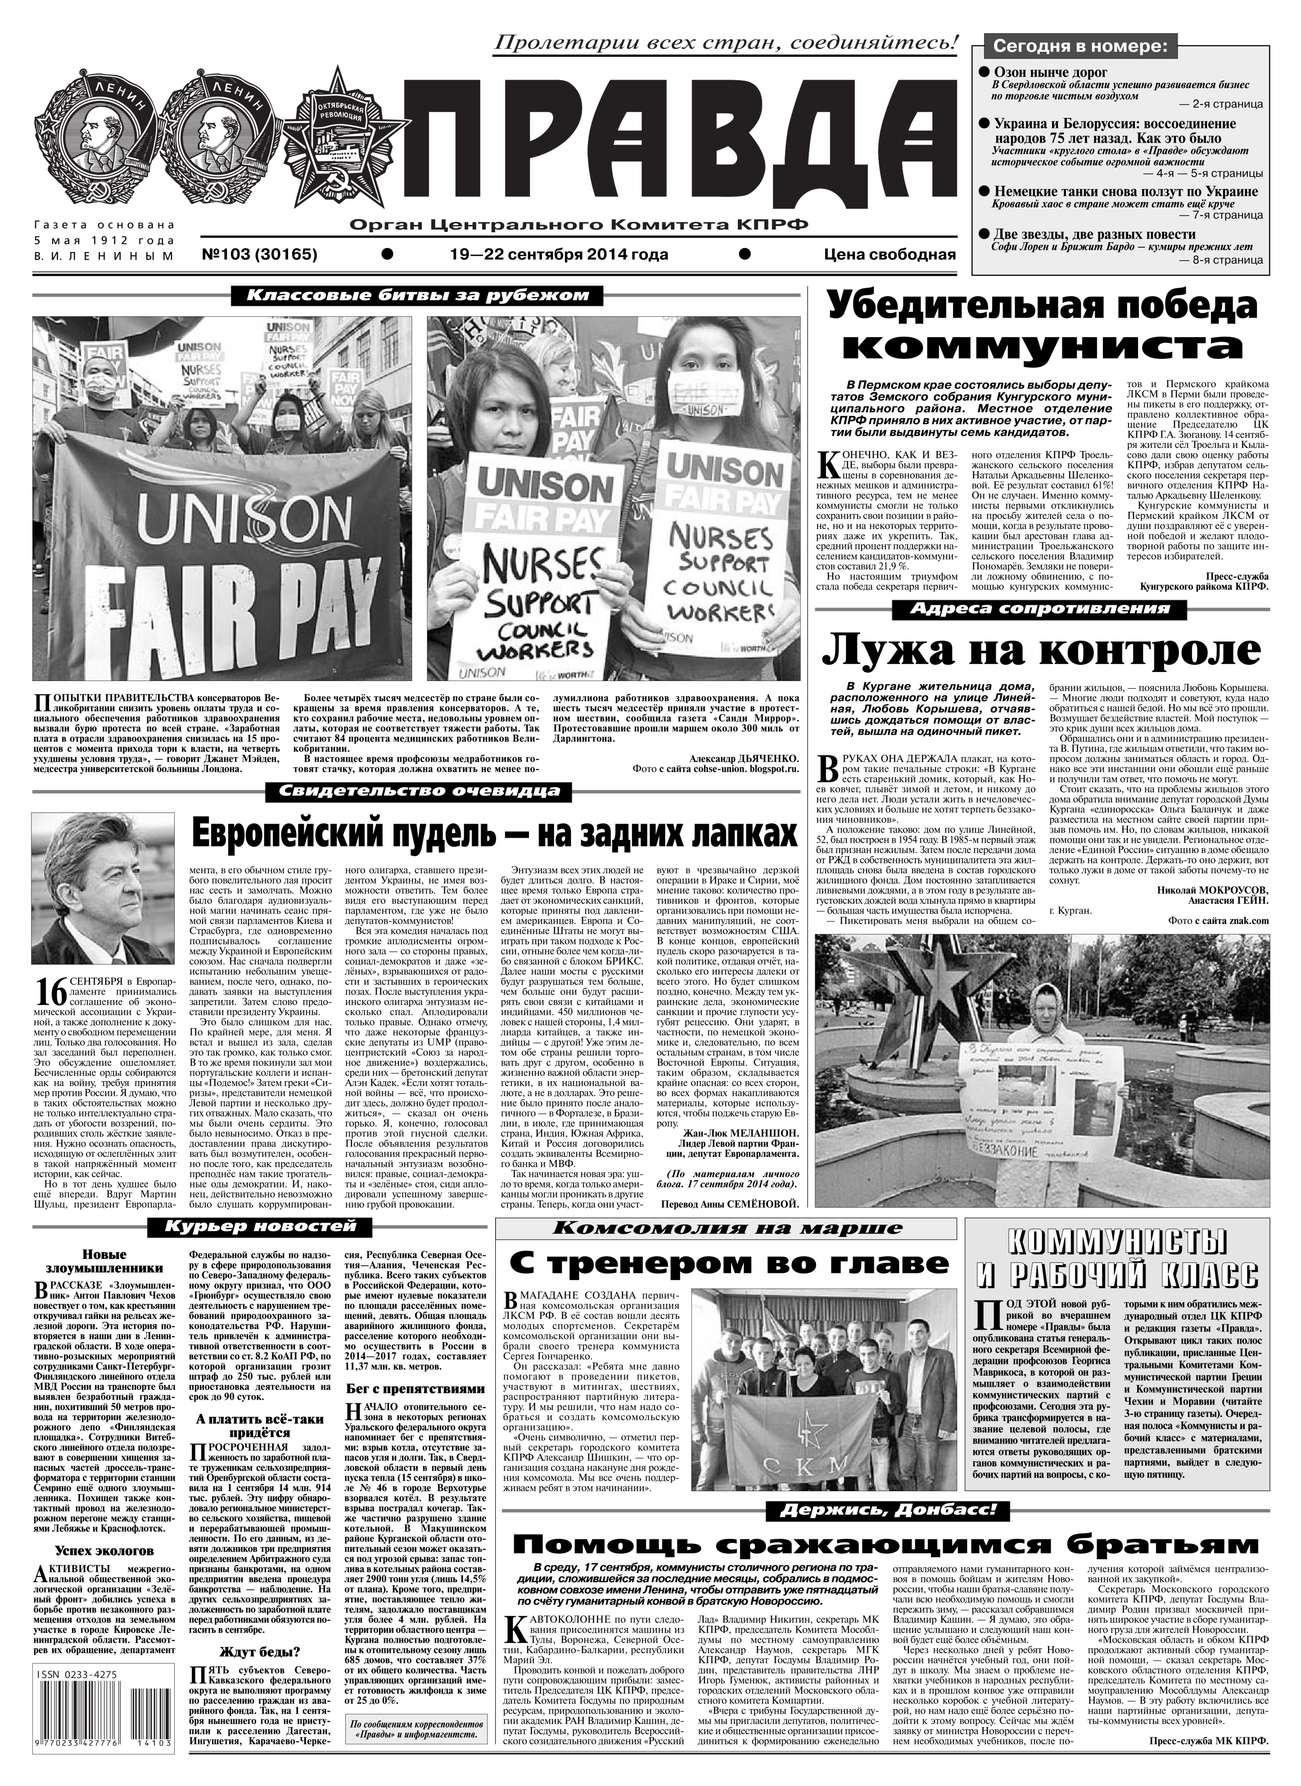 цена Редакция газеты Правда Правда 103